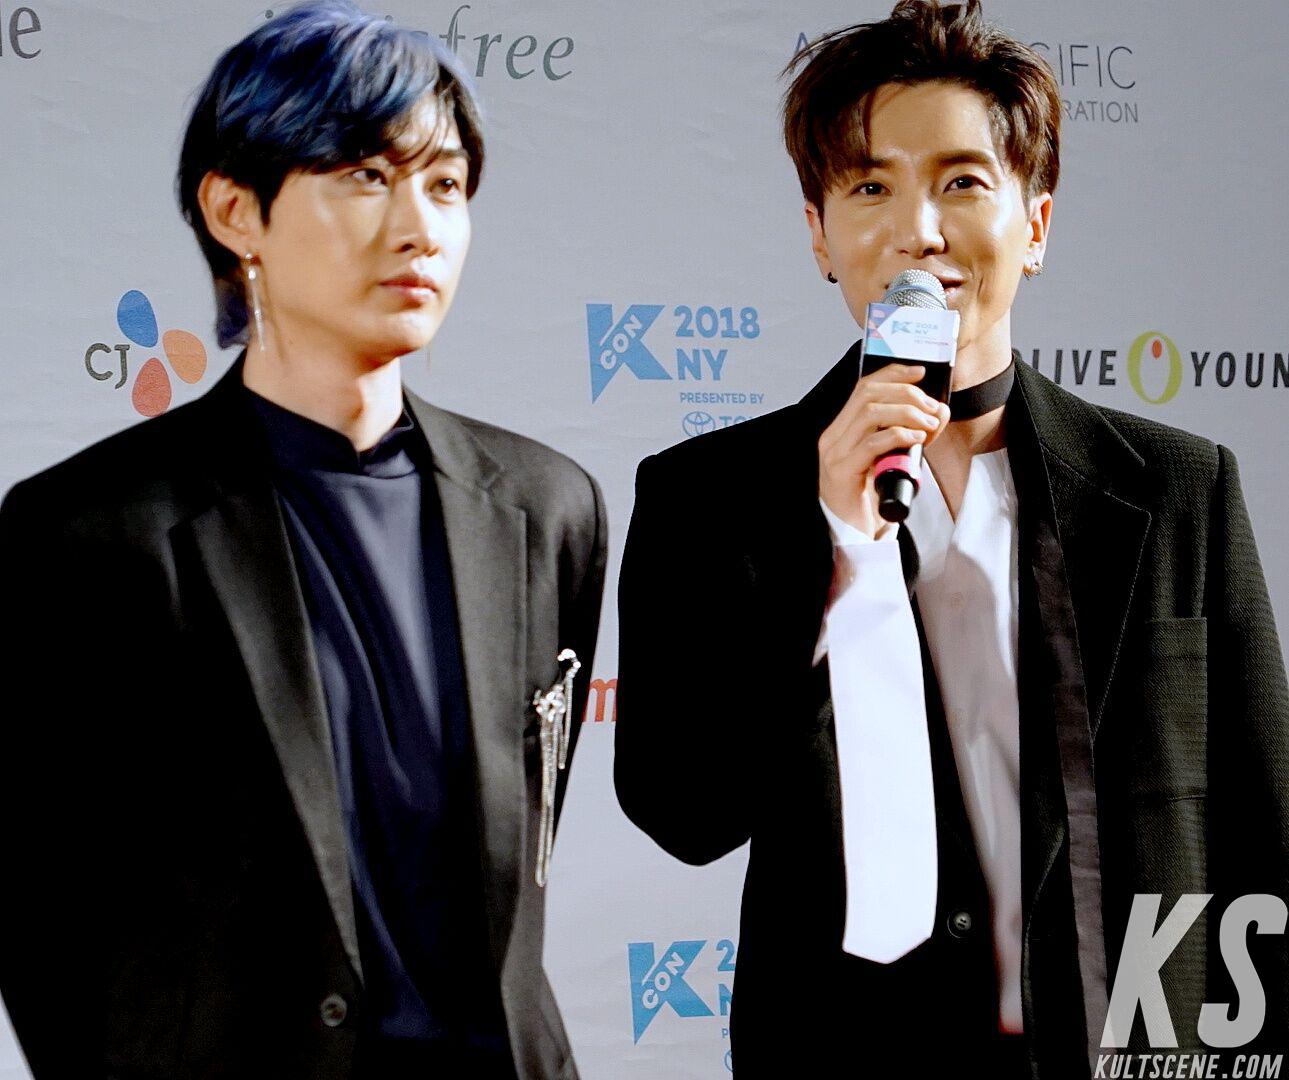 Super Junior at KCON 2018 NY